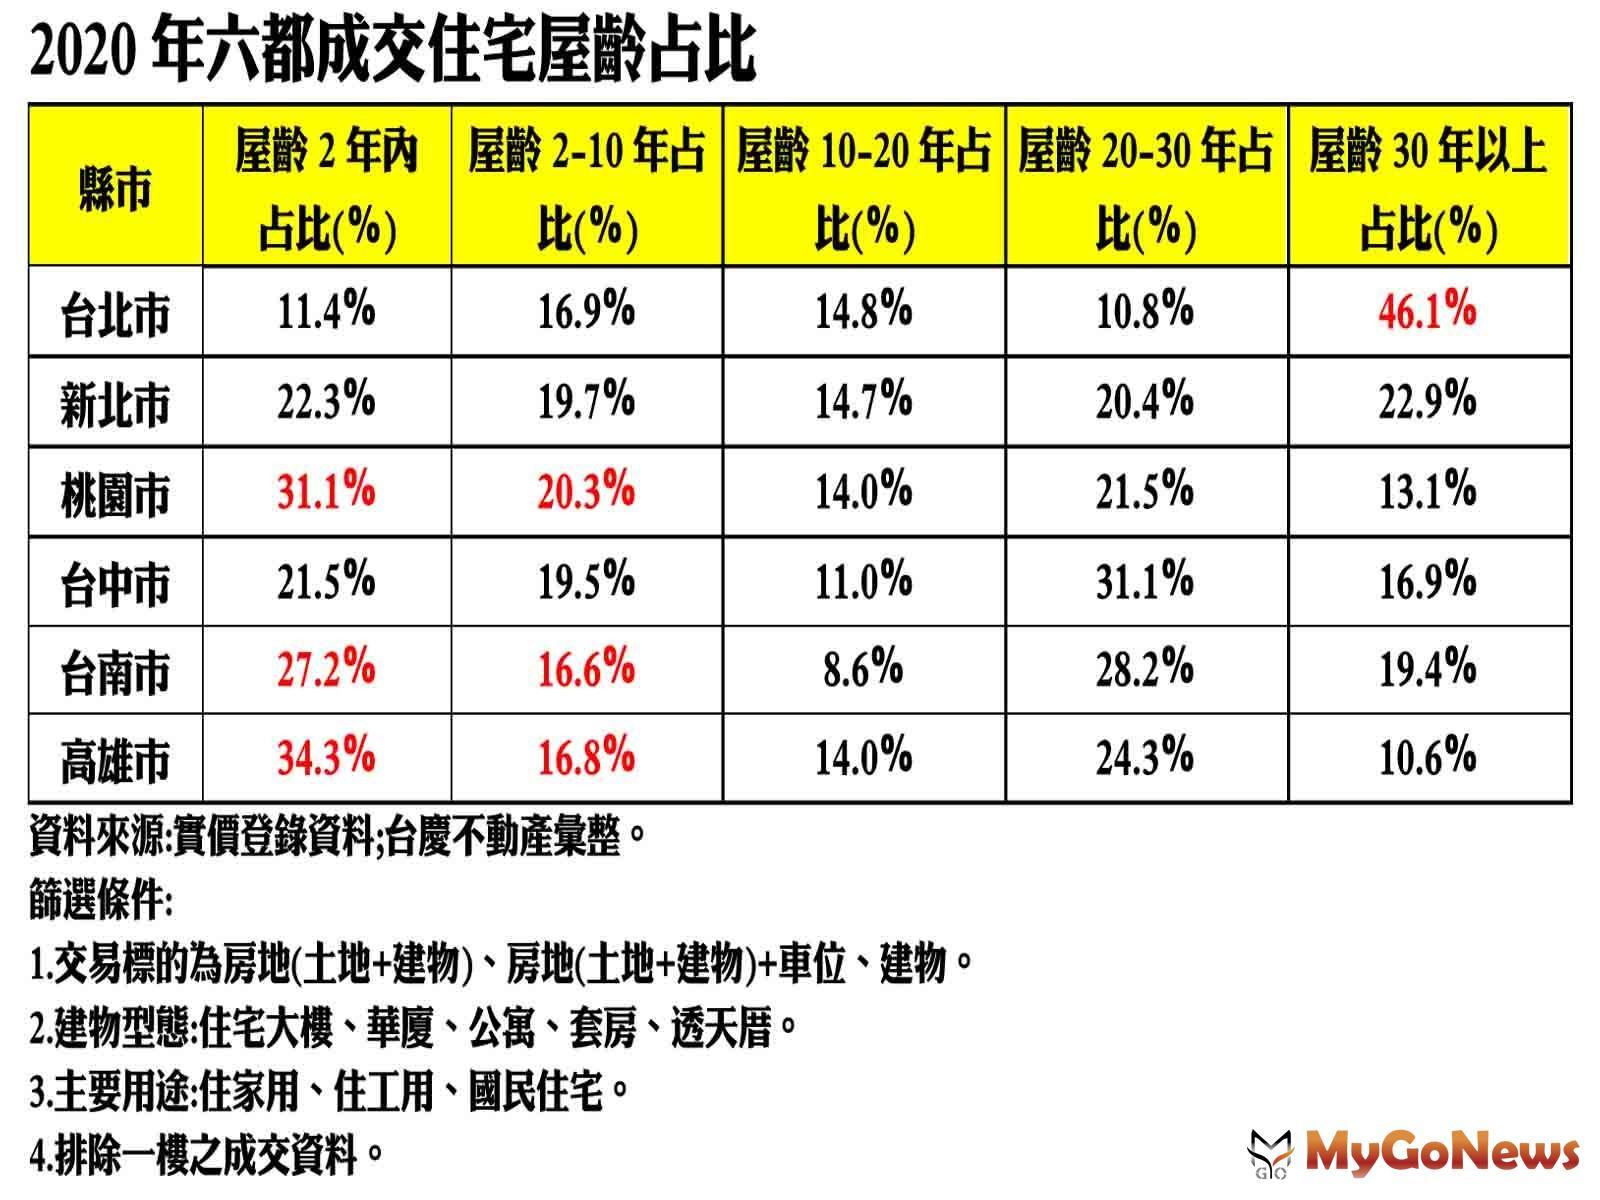 六都最老!台北每2戶就有1戶買30年老屋,桃園人、高雄人最愛買新屋!屋齡2年內占比逾三成 MyGoNews房地產新聞 趨勢報導